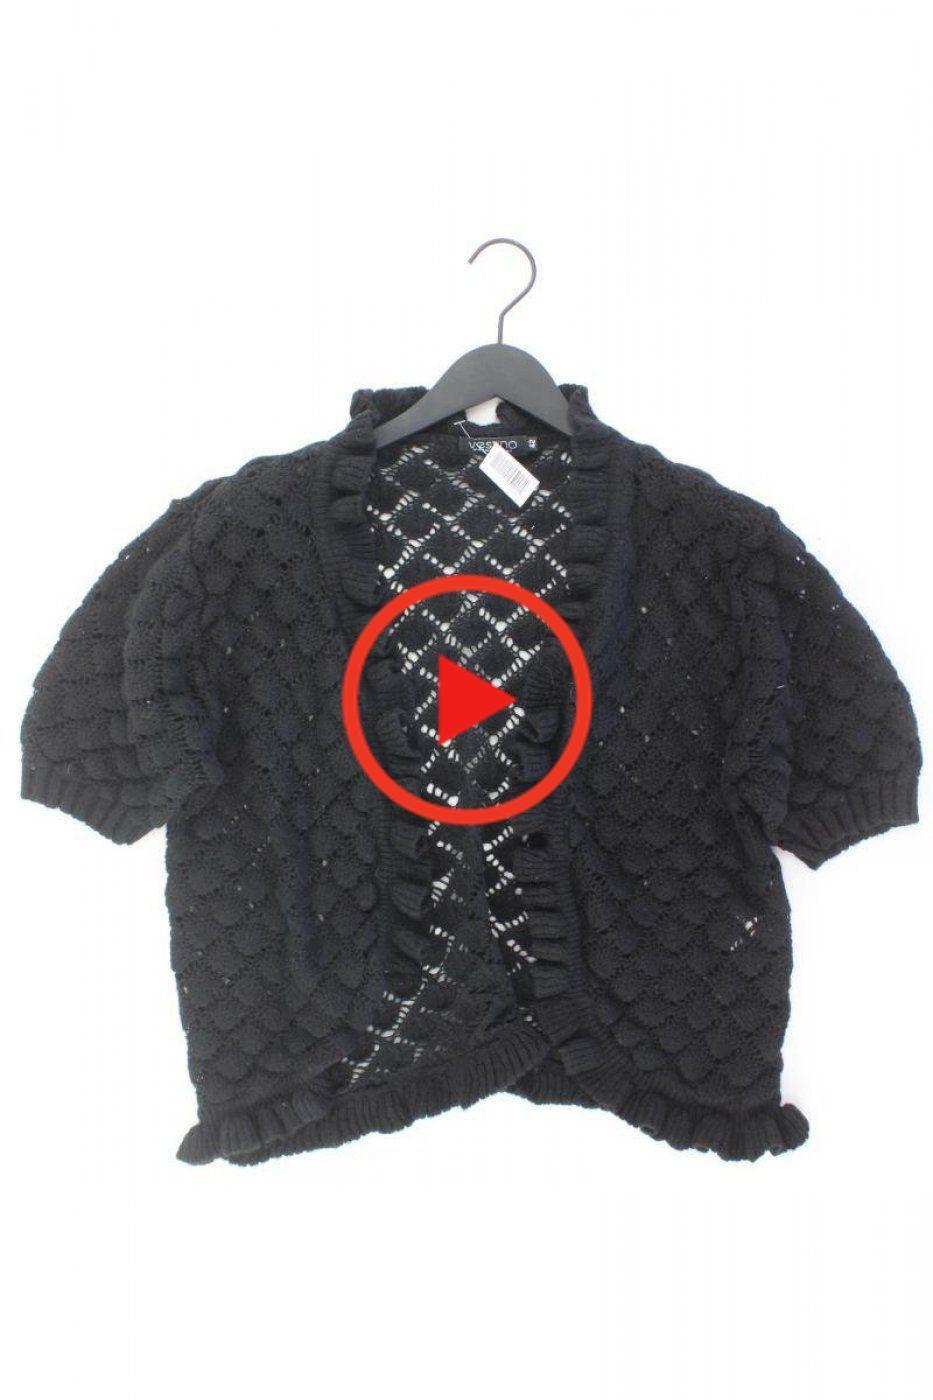 Vestino Cardigan Schwarz Größe L Schwarz Größe L Schwarz Farbe